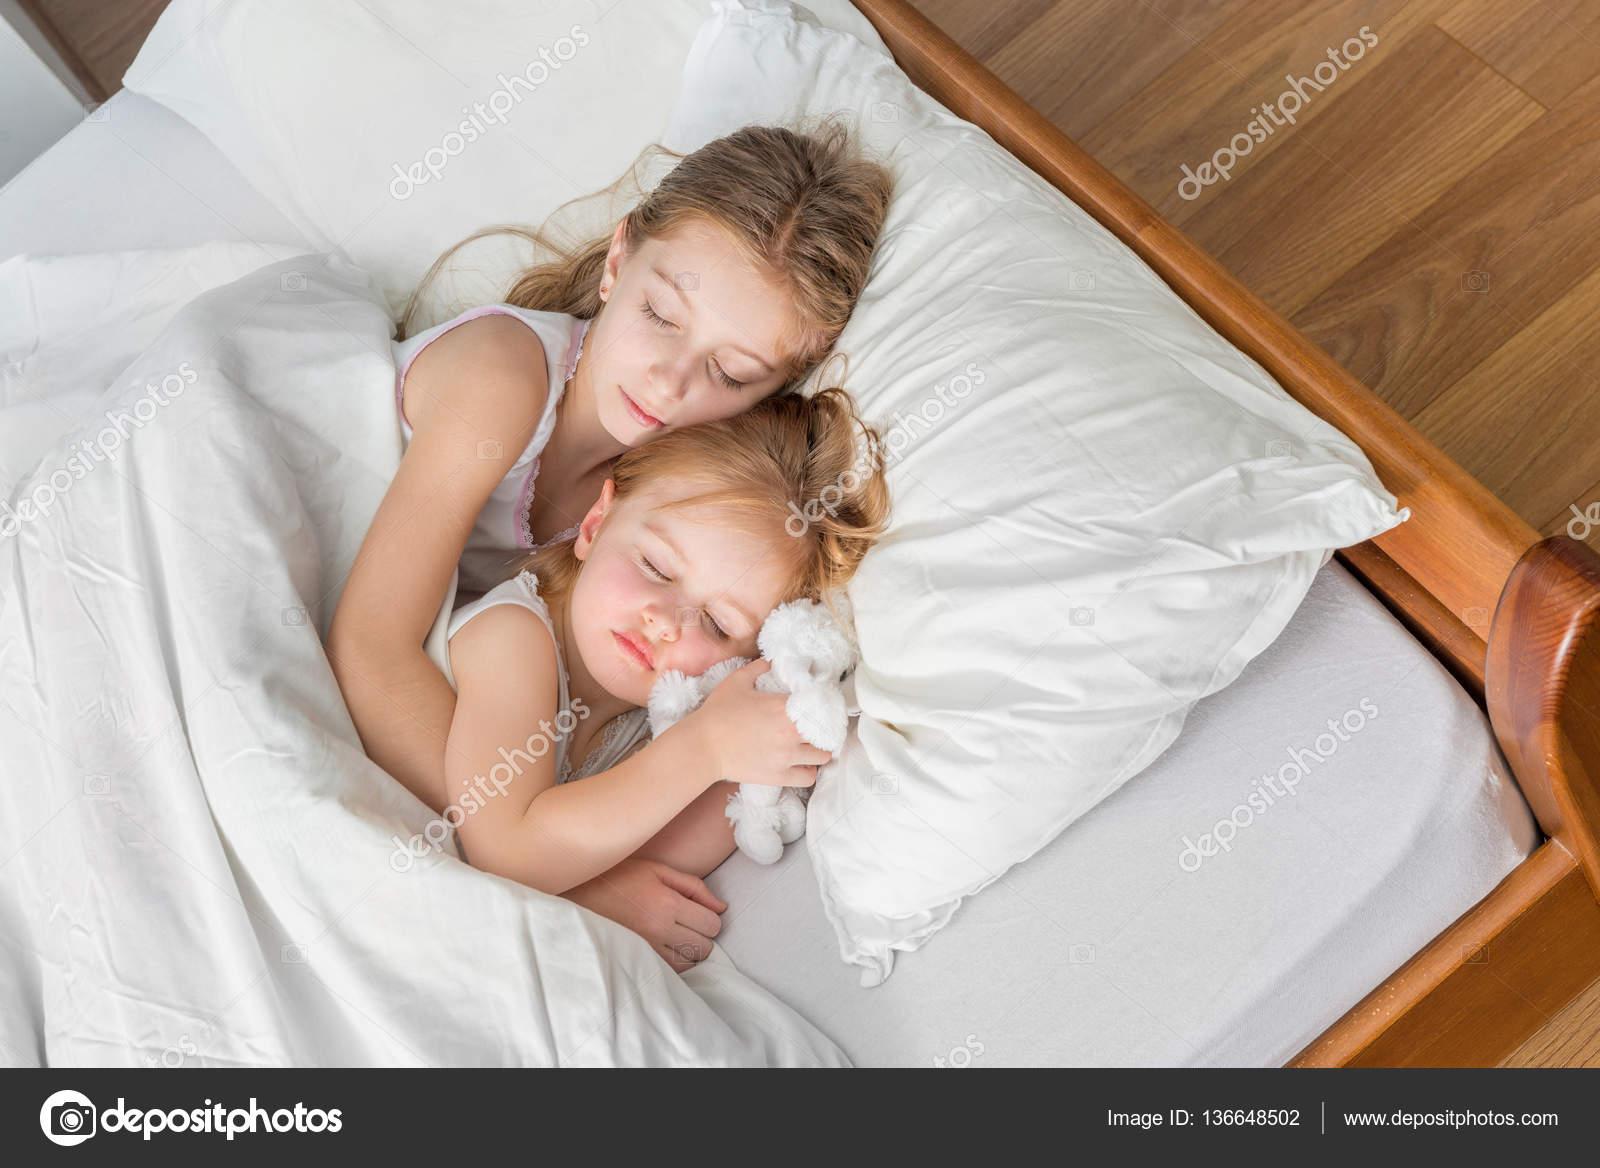 Сестра крепко спит, Брат трахнул младшую сестру пока она спит 24 фотография